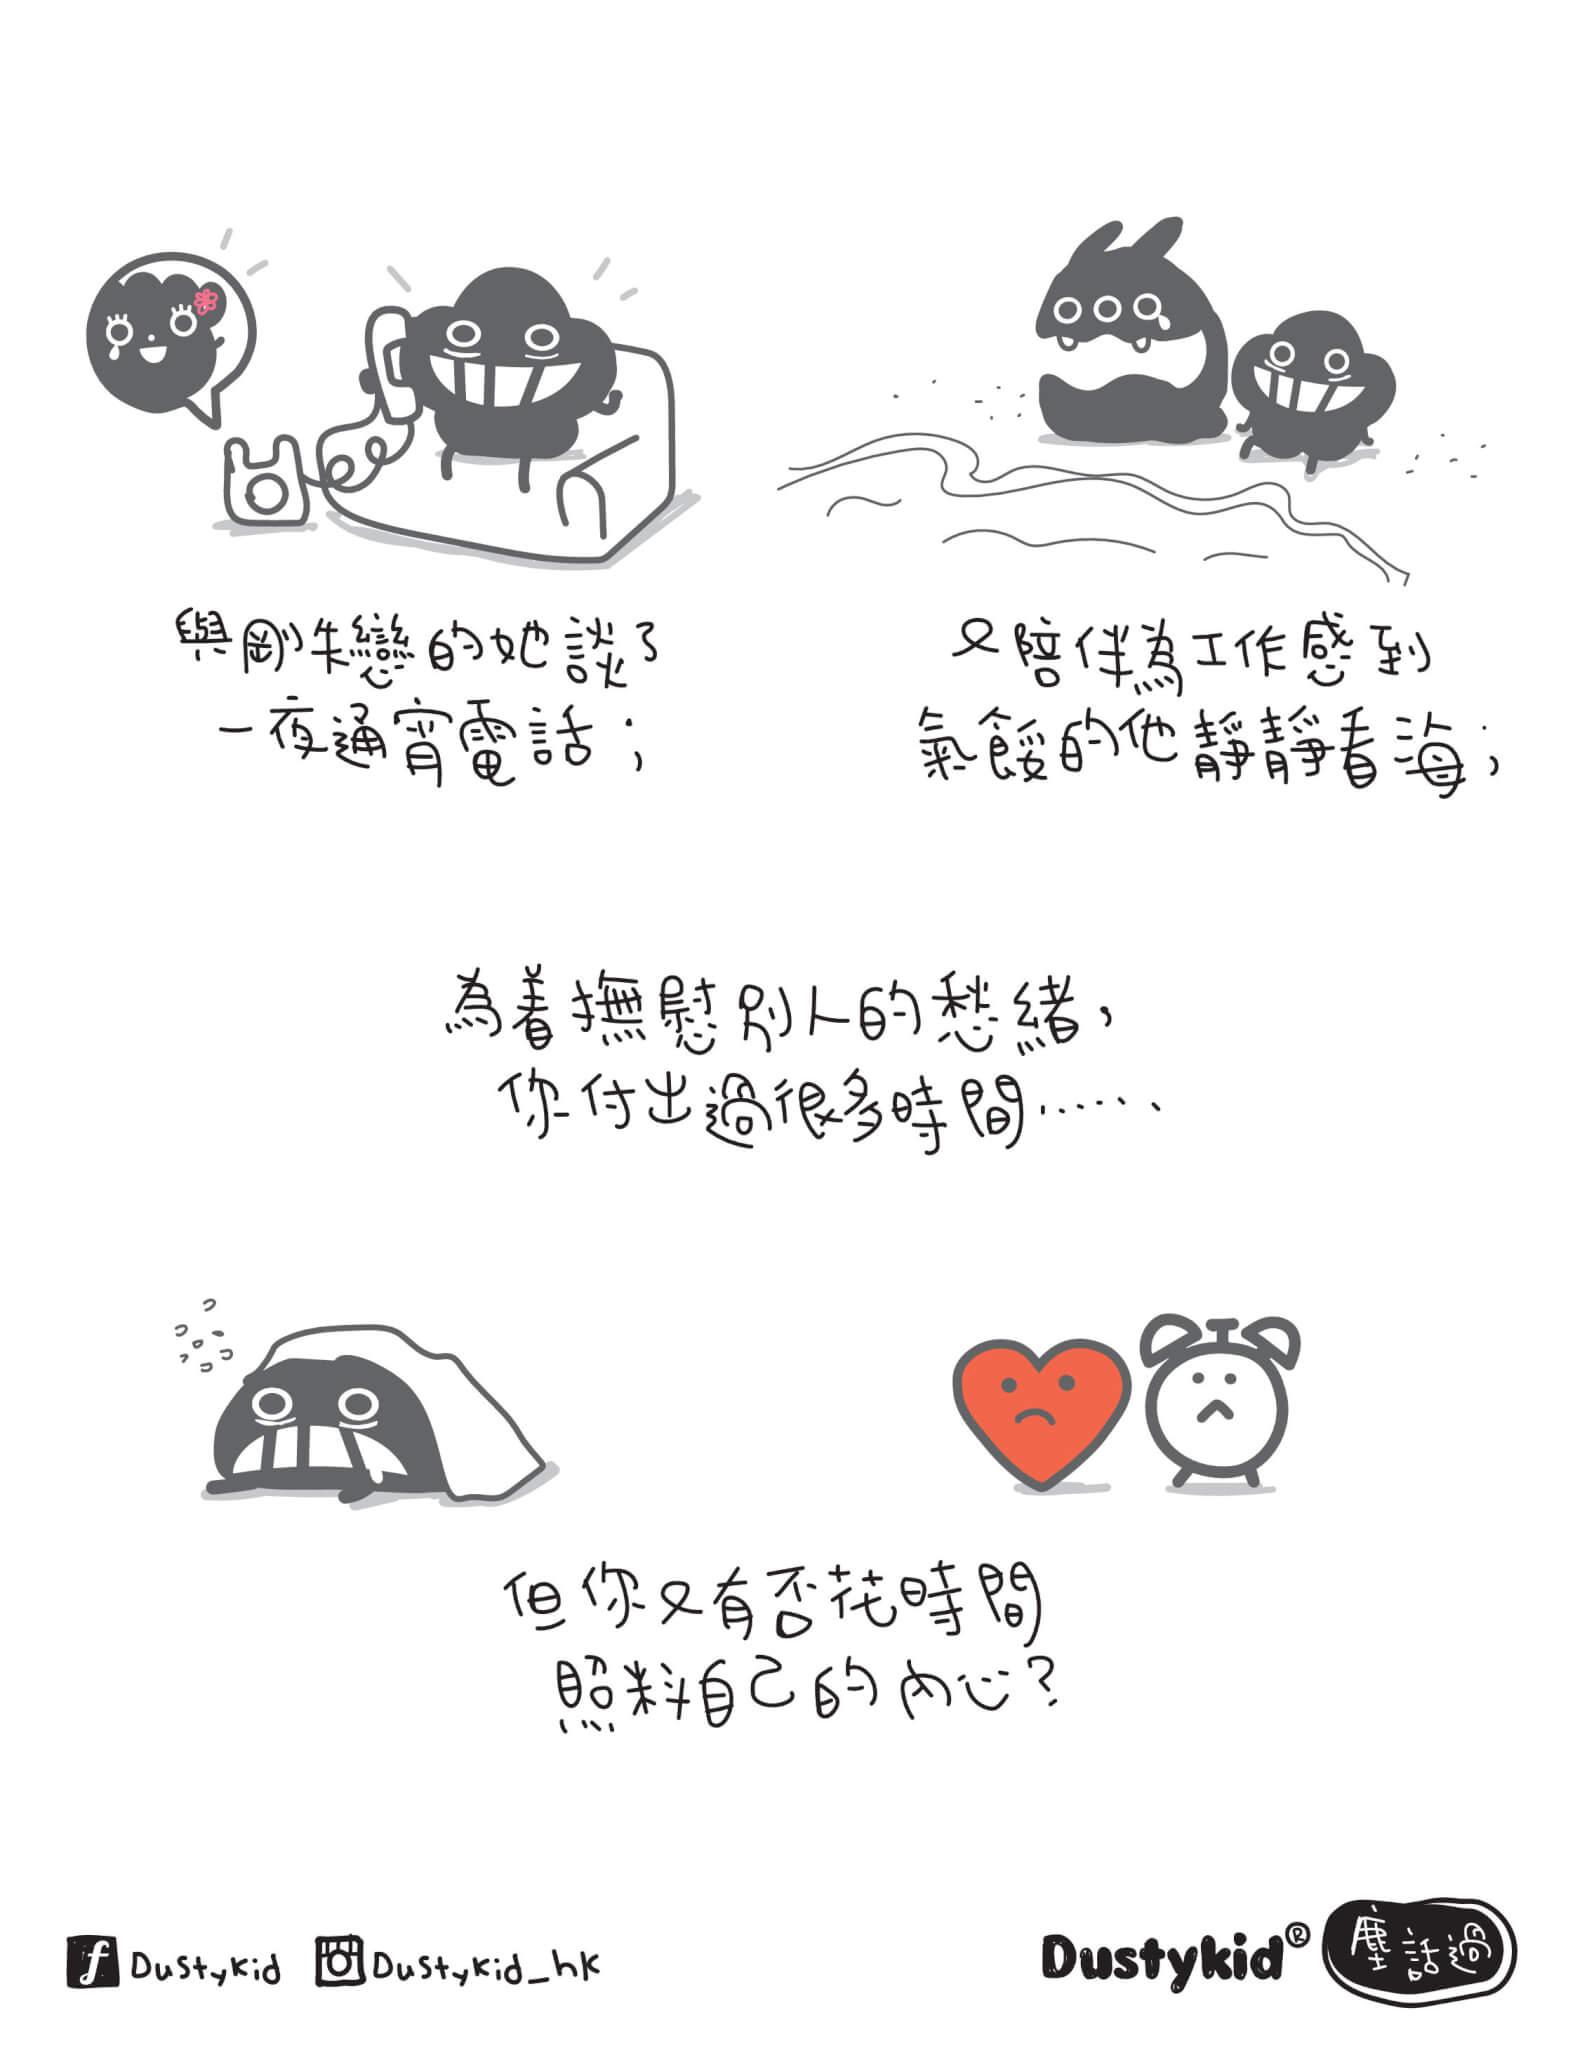 dustykid_mingpao_07-1